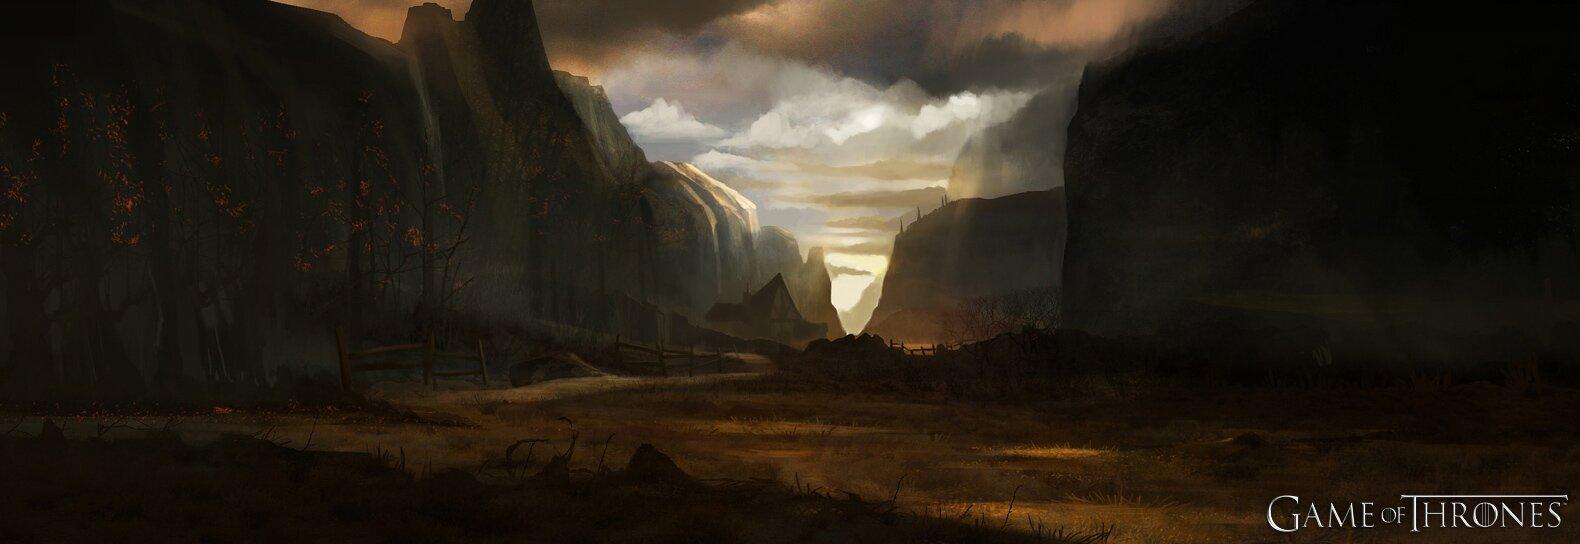 Imagenes Epicas Gameofthrones_artwork-16